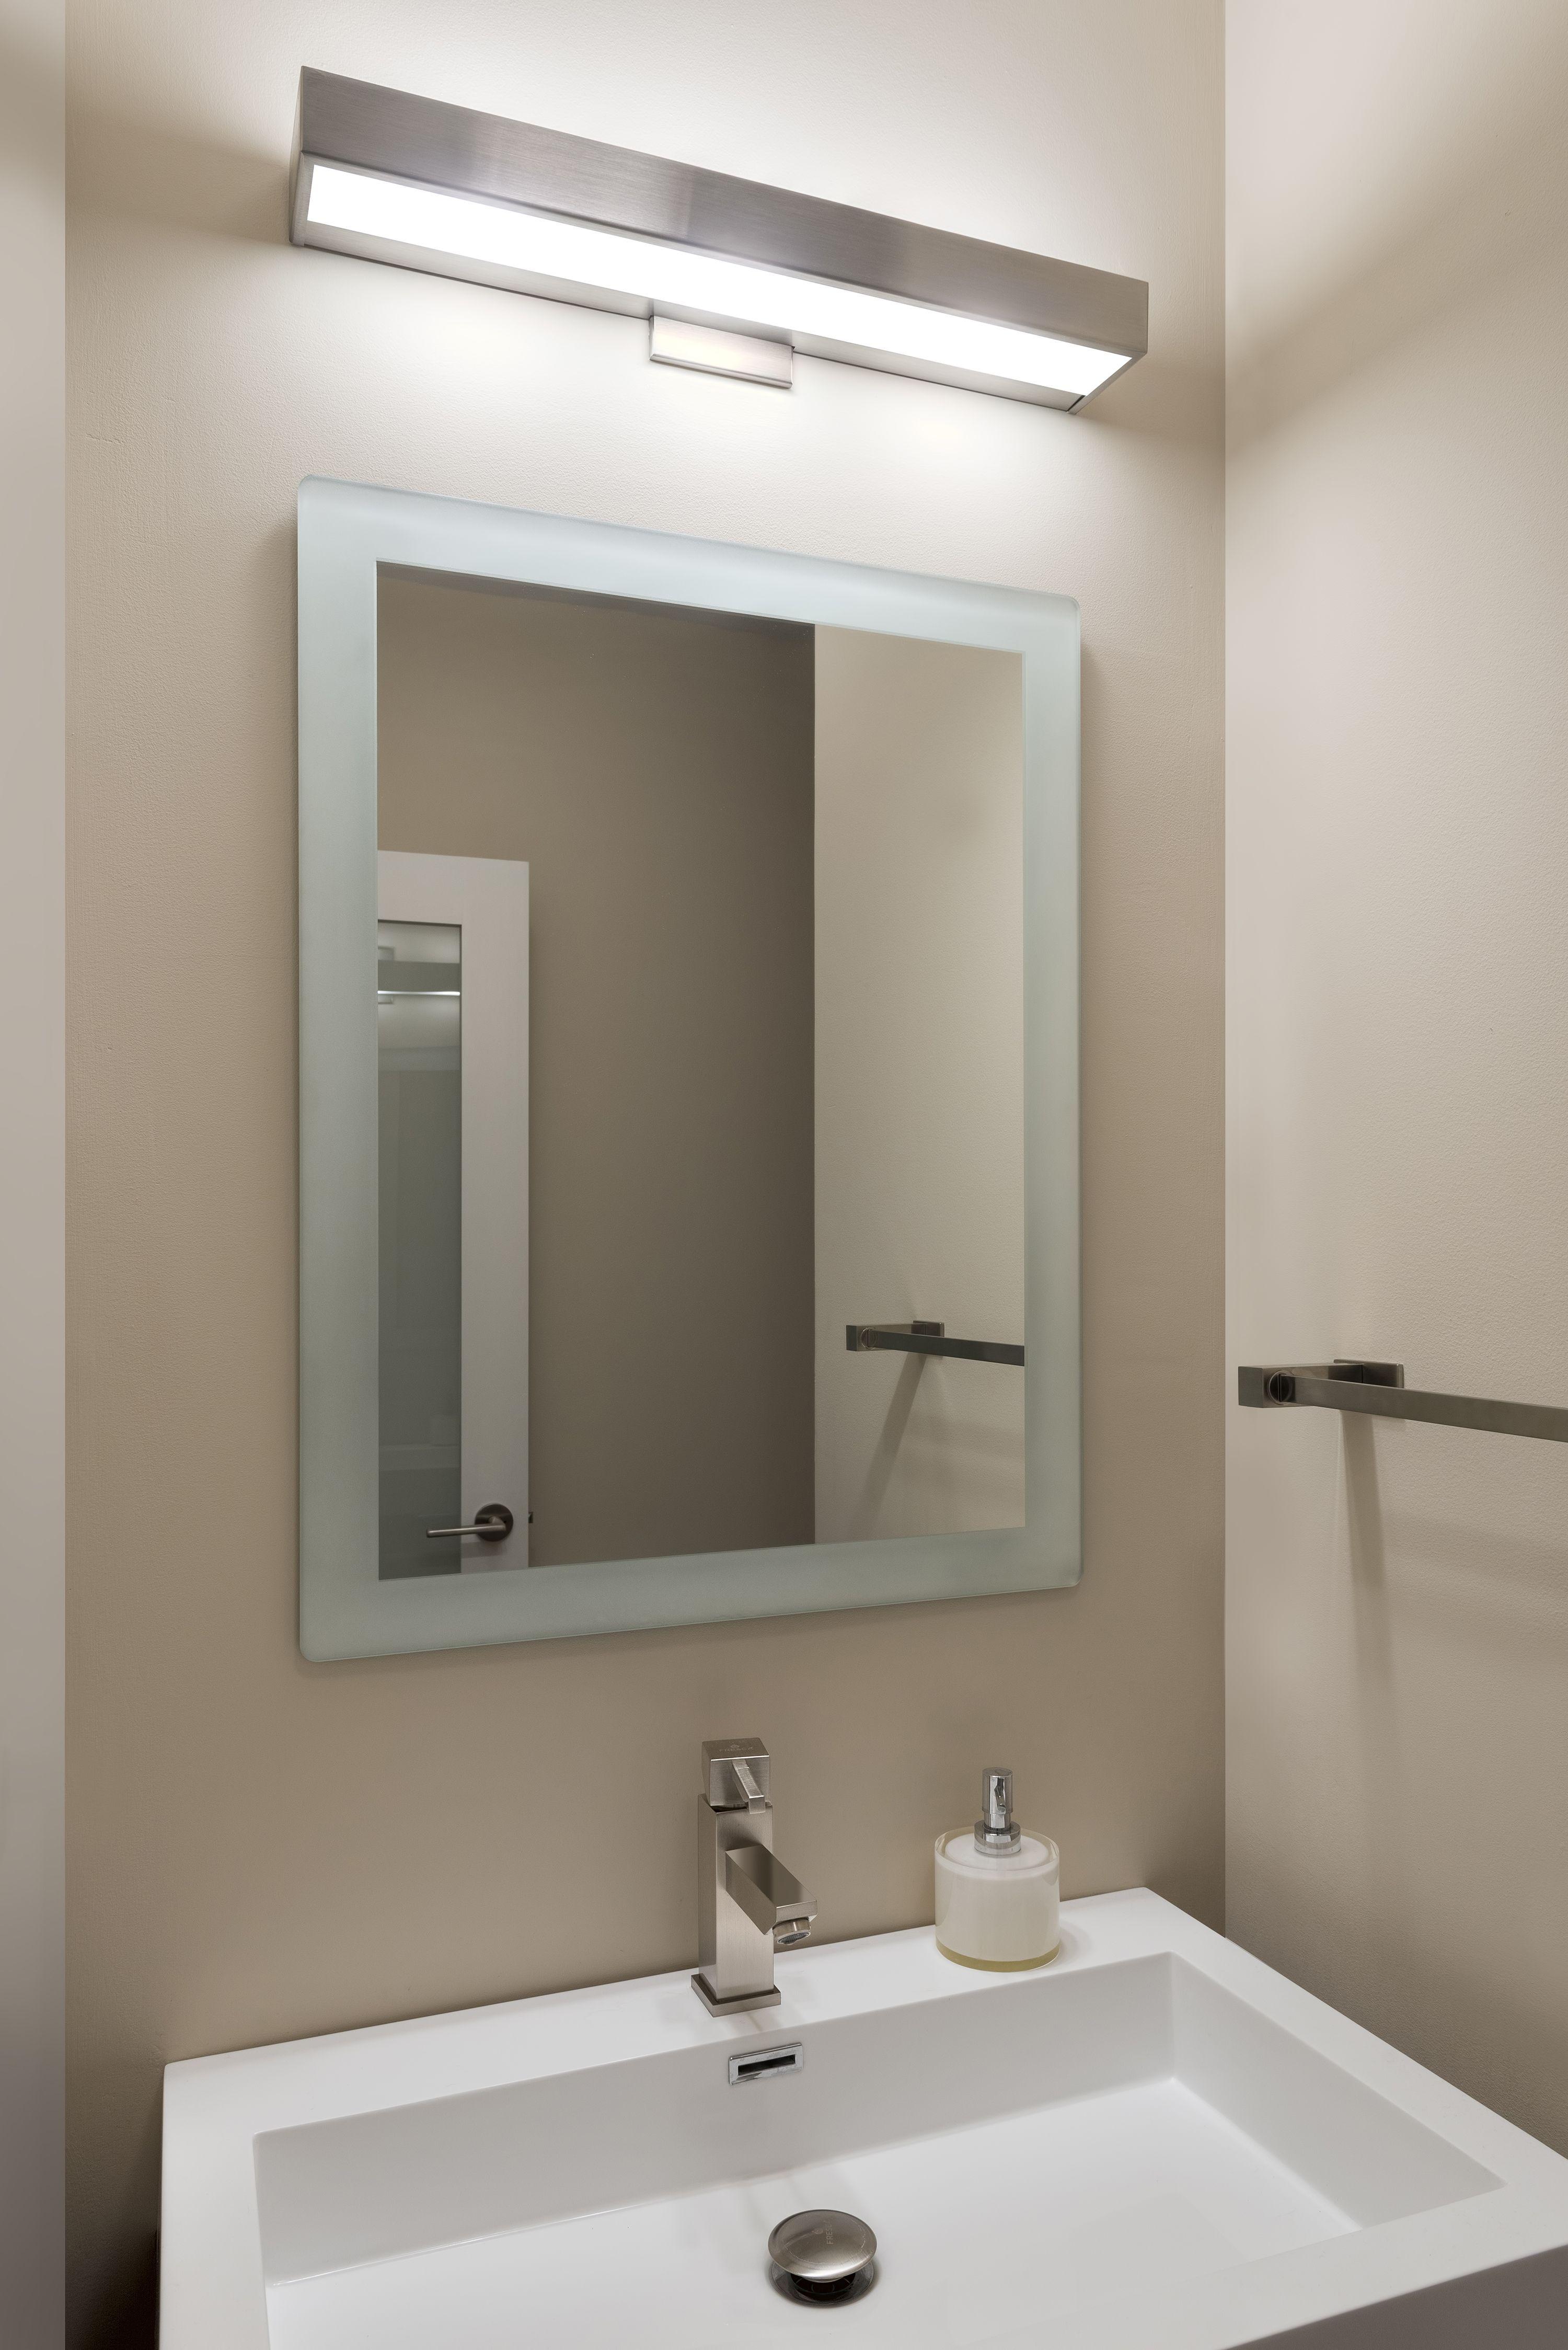 ideal bathroom vanity lighting design ideas. The Alpha LED Creates Great Task Lighting Ideal For Bathrooms And Vanities | Unique Bathroom Vanity Design Ideas L